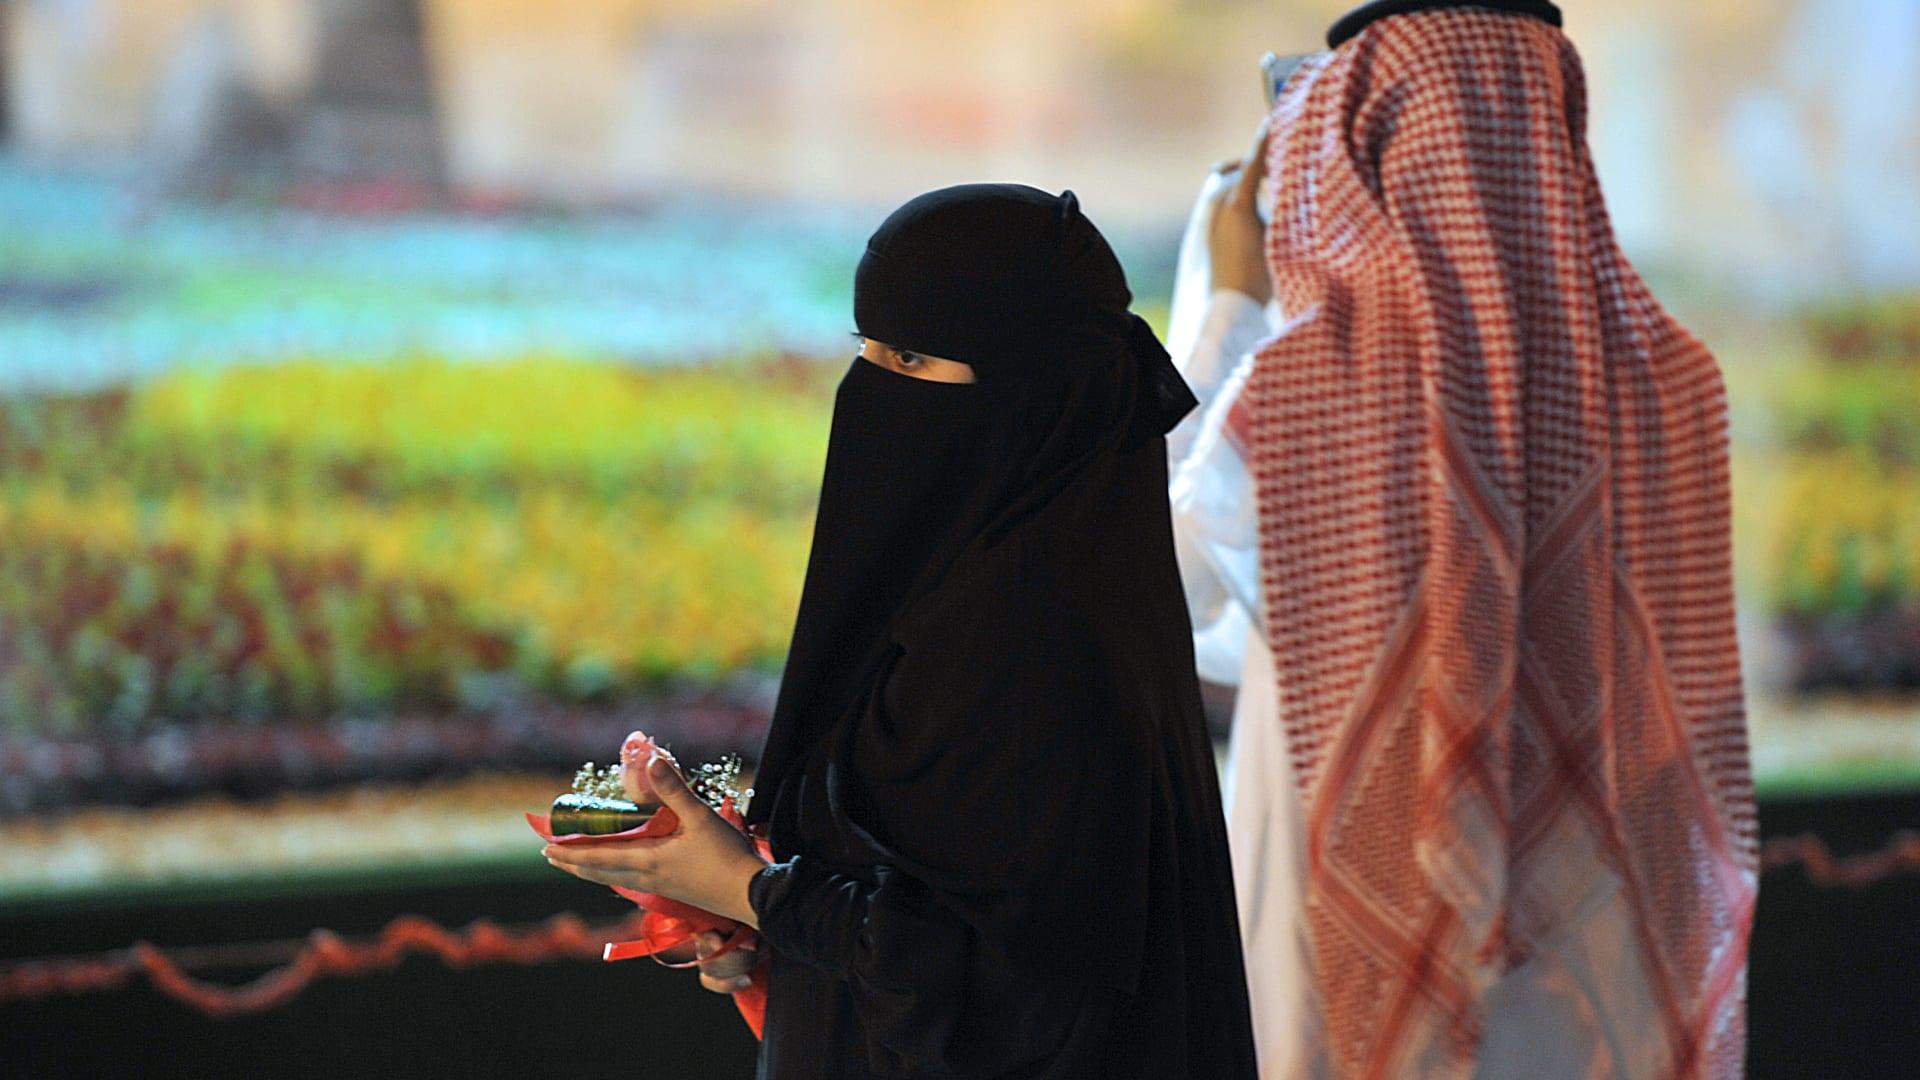 ماذا تفعل المرأة إذا علمت أن زوحها مثلي الجنس؟ بروفيسور سعودي بالطب النفسي يجيب